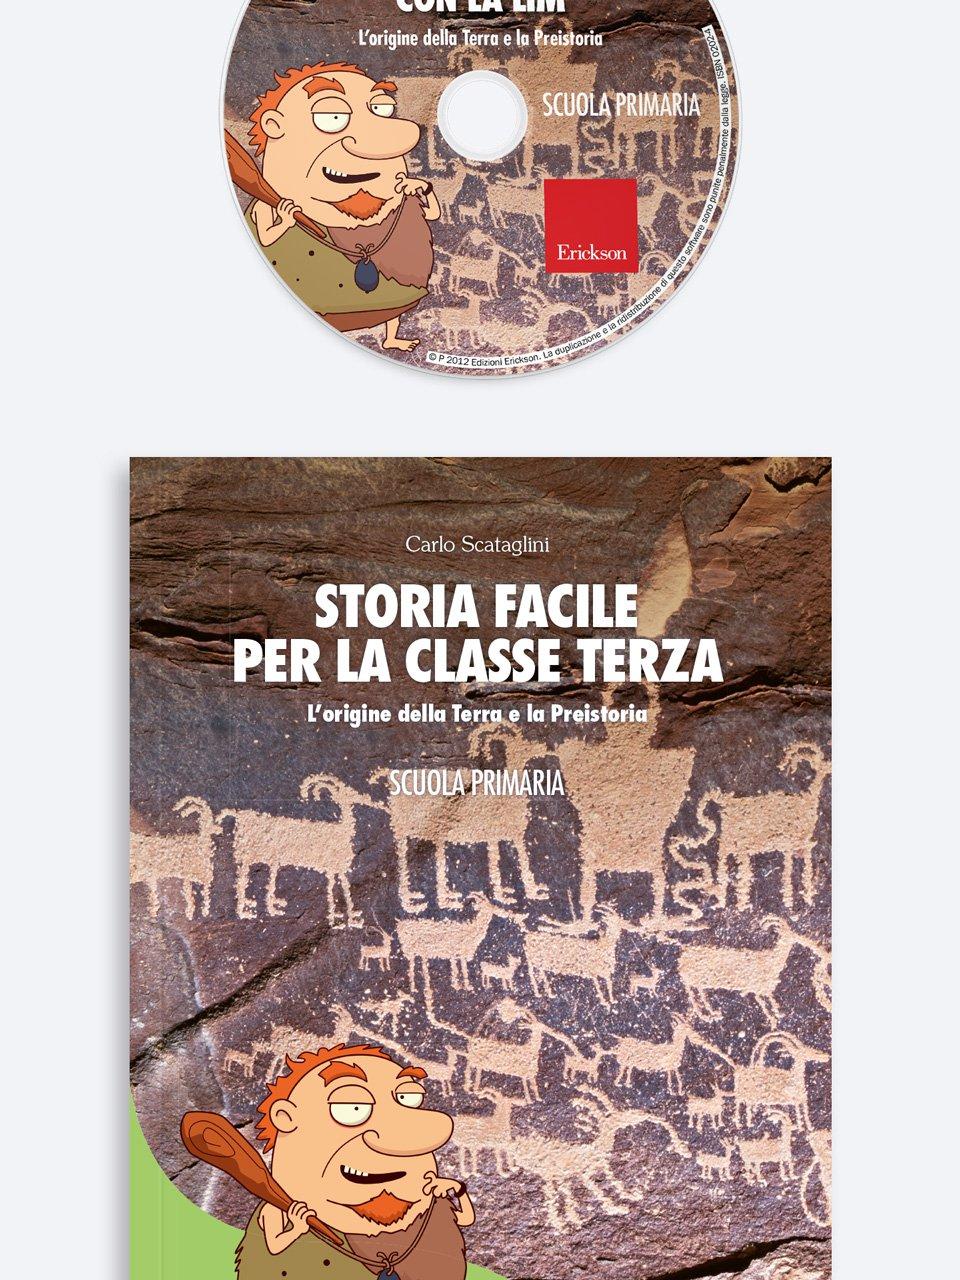 Storia facile per la classe terza - Geografia facile per la classe quinta - Libri - Erickson 2